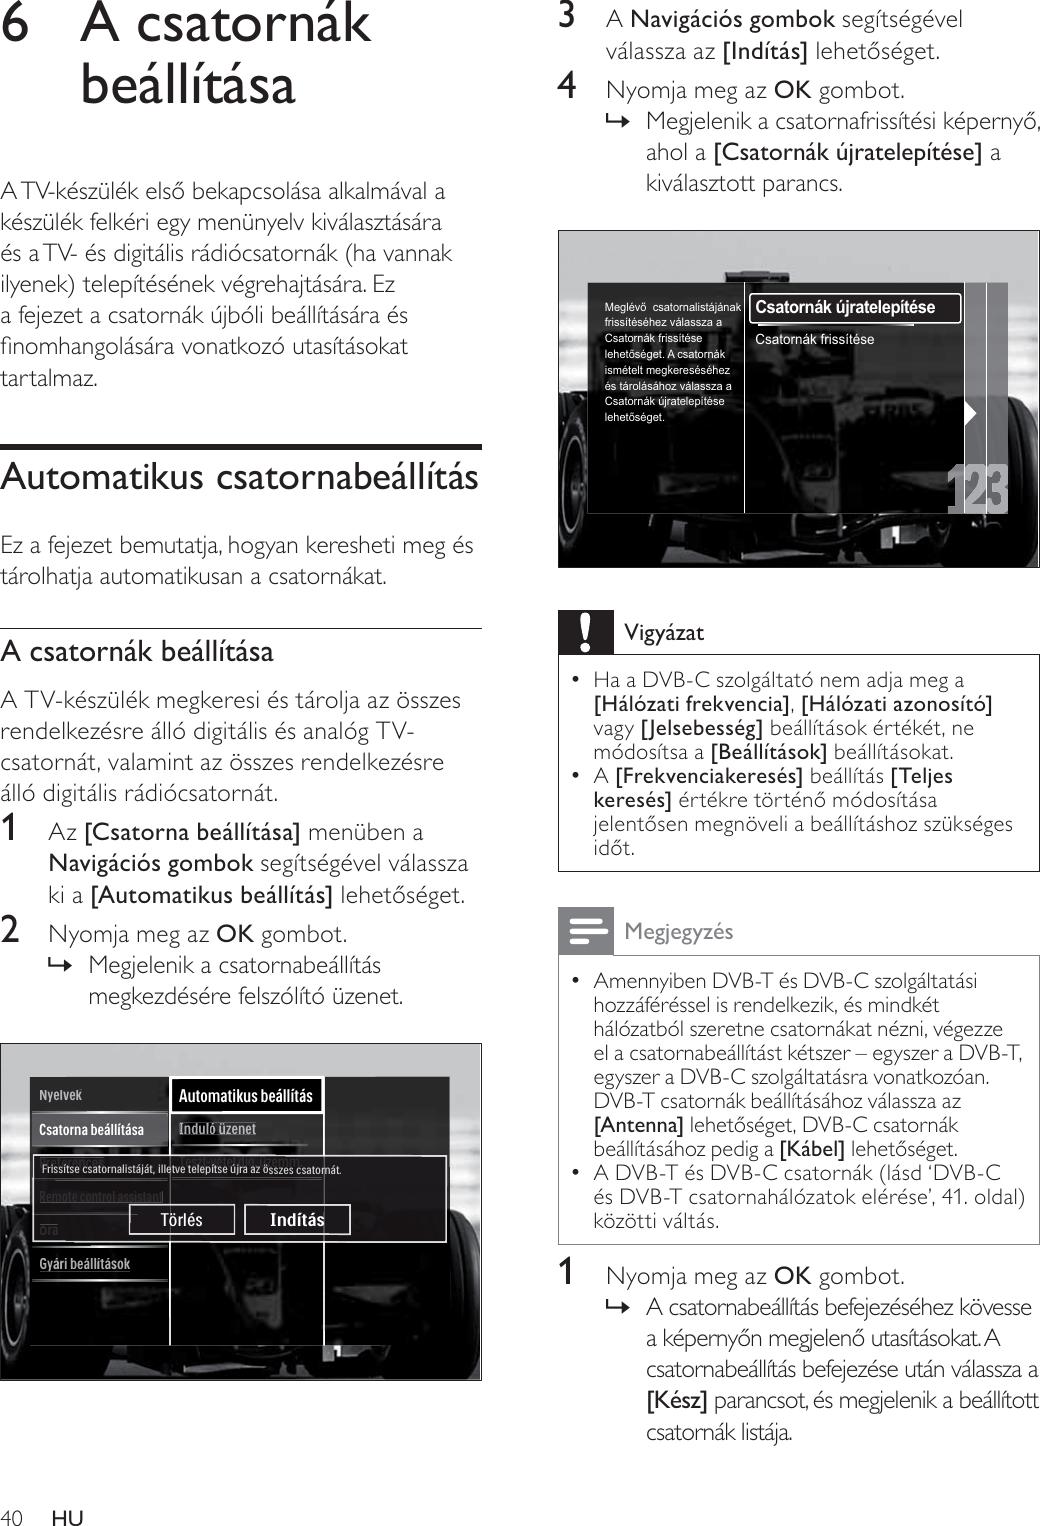 Philips 42PFL8684H/12 User Manual Felhasználói Kézikönyv